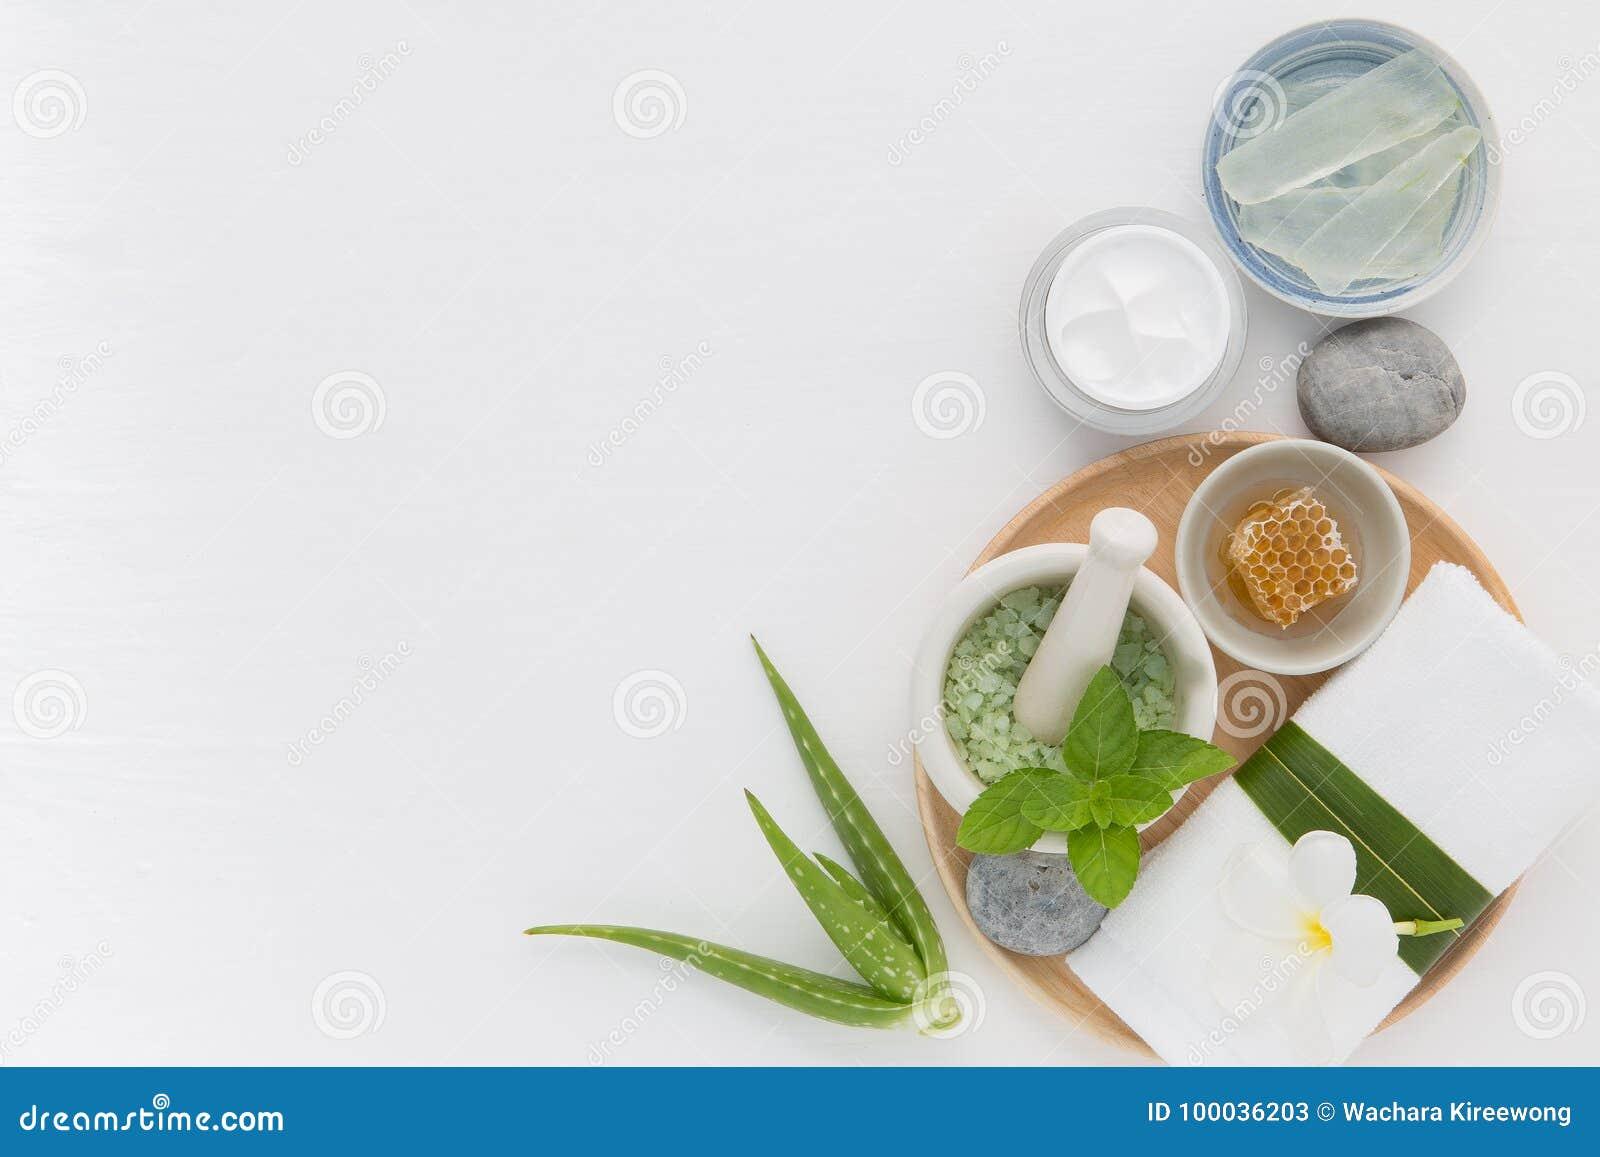 Η σπιτική φροντίδα δέρματος και το σώμα τρίβουν με το φυσικό μέλι συστατικών